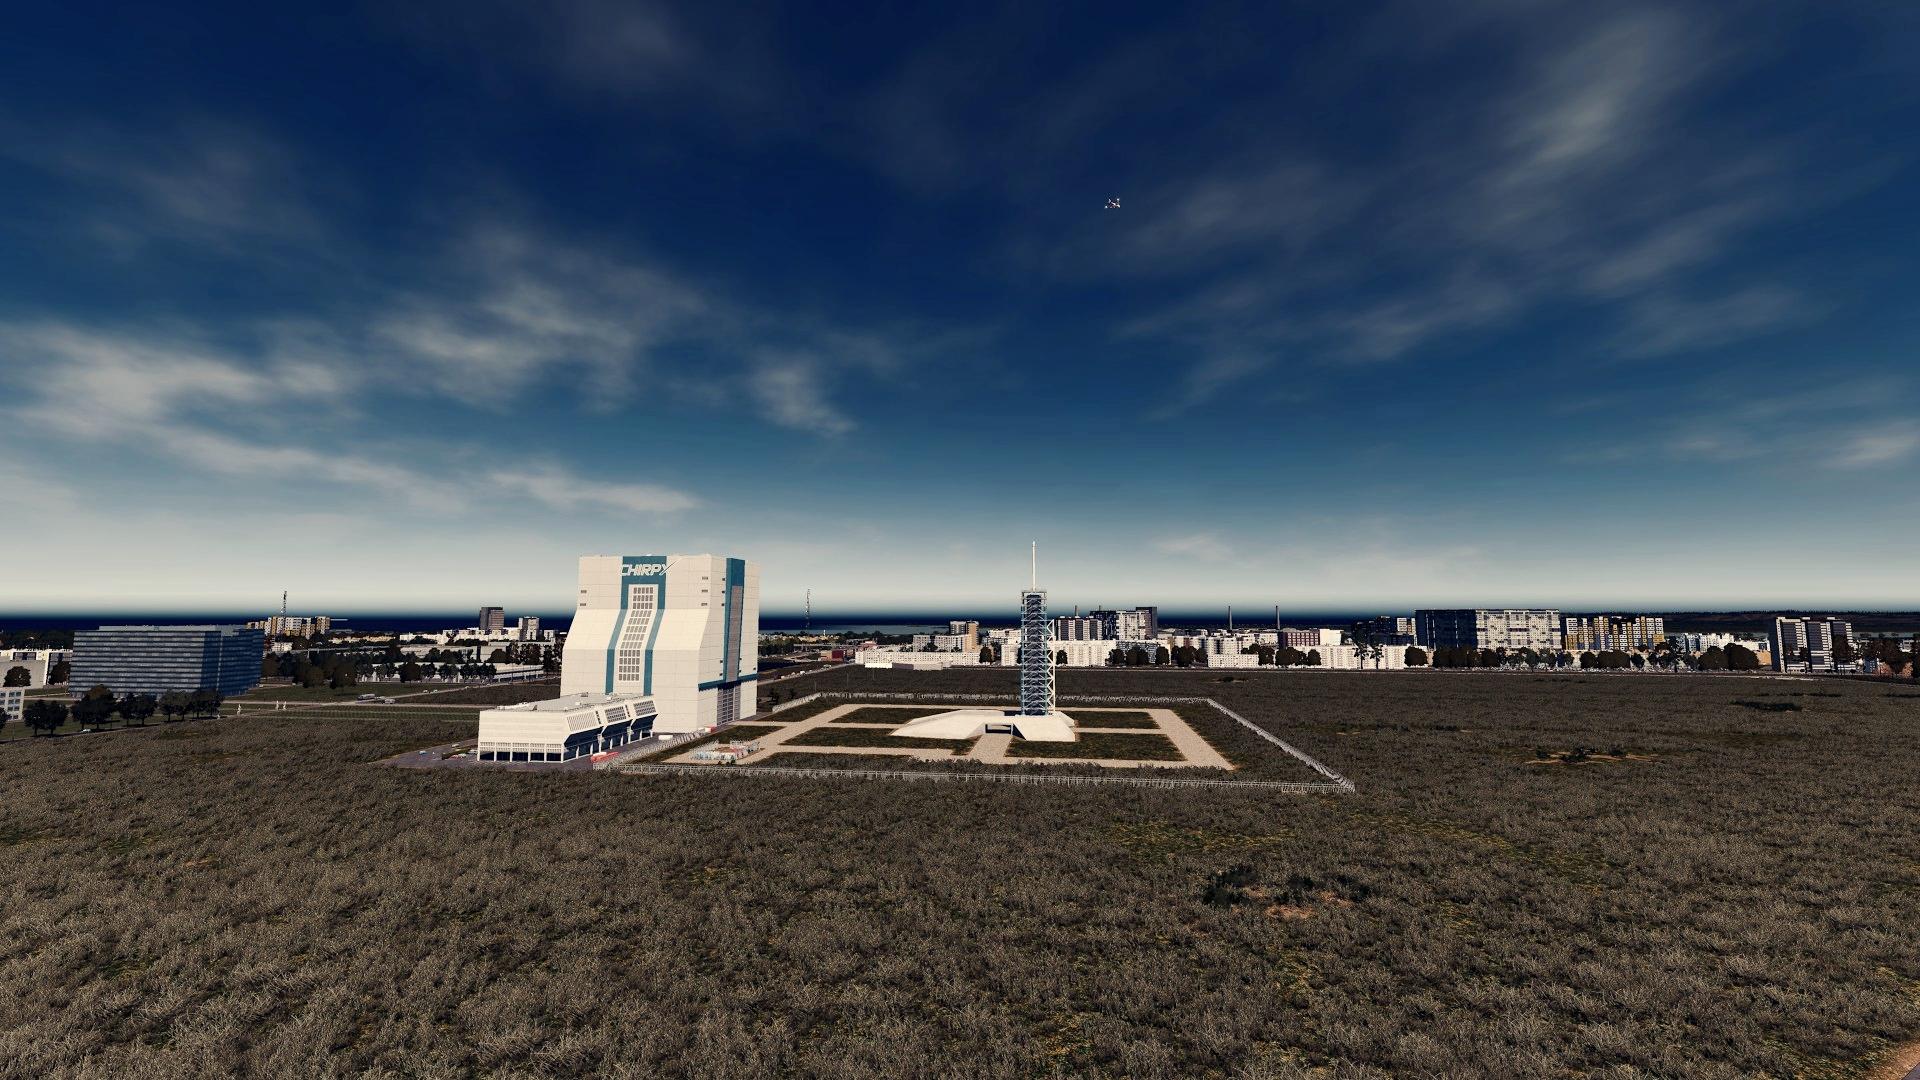 Djavolja Varos. (Maj complexe pétrolier p6, par industriel p5) à mettre à la corbeille sv - Page 3 180827112136962965